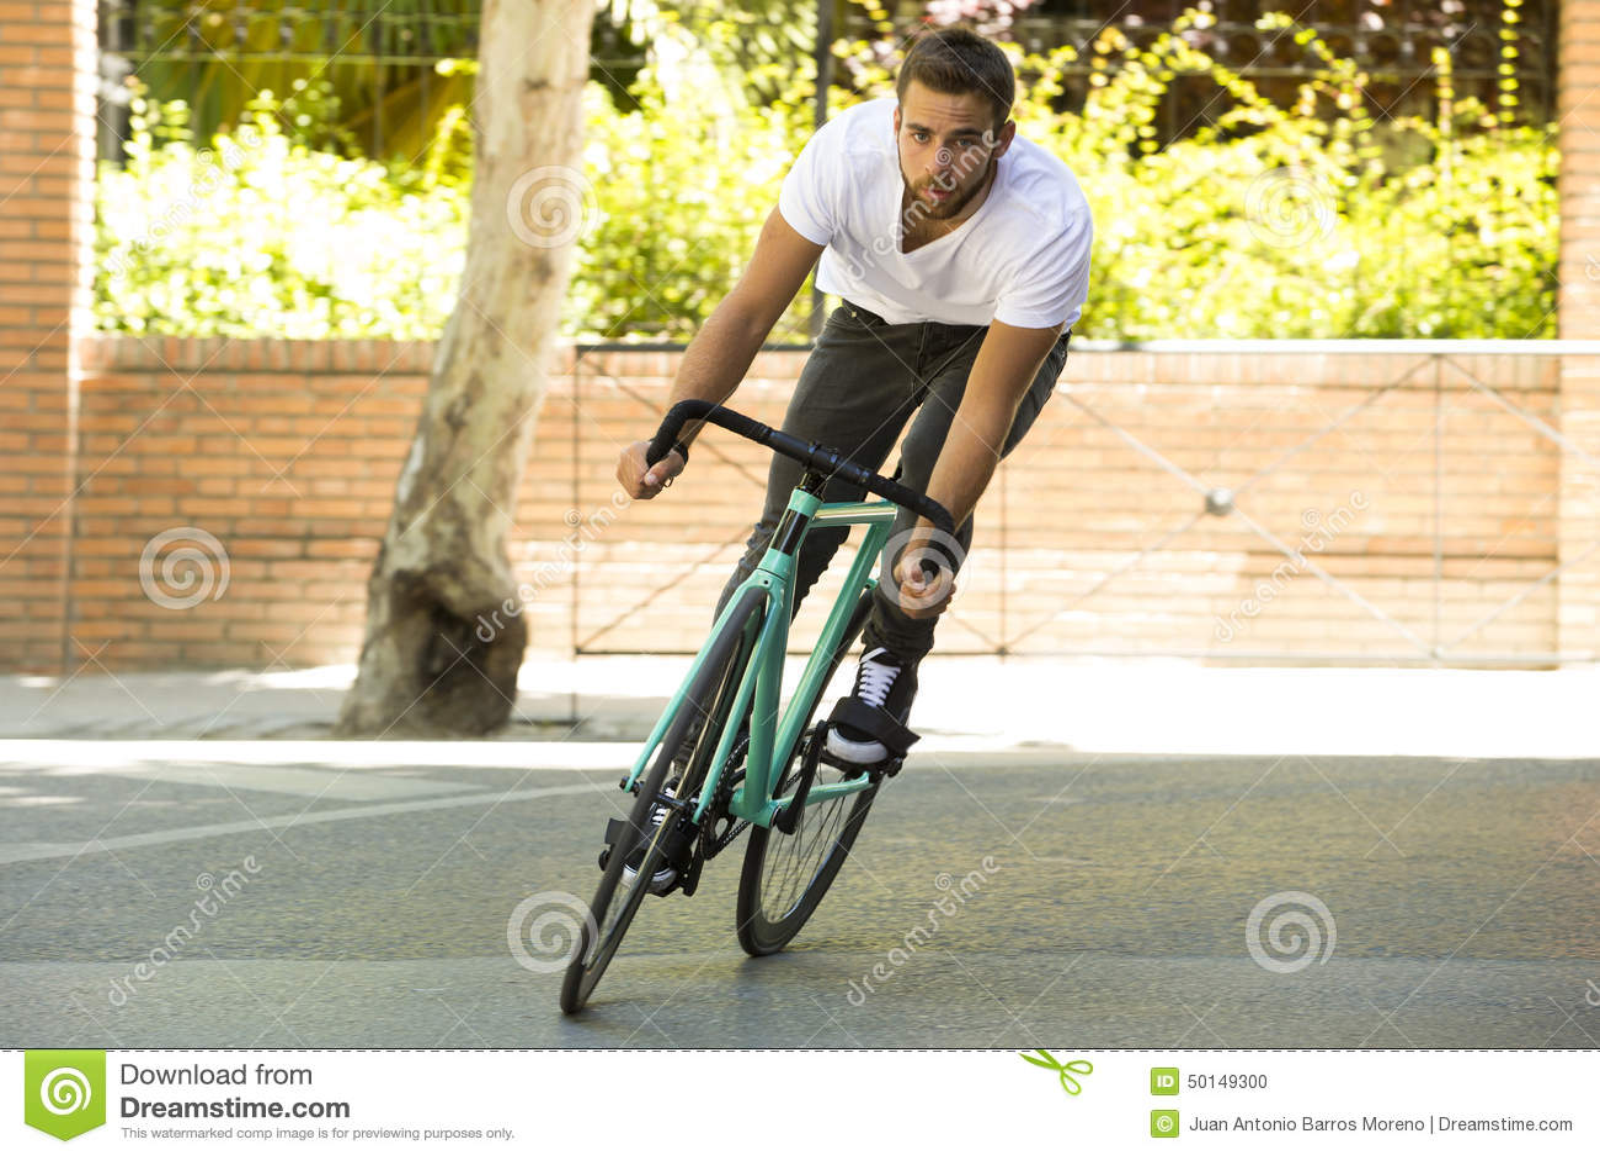 Άτομο ποδηλατών που οδηγά το σταθερό αθλητικό ποδήλατο εργαλείων